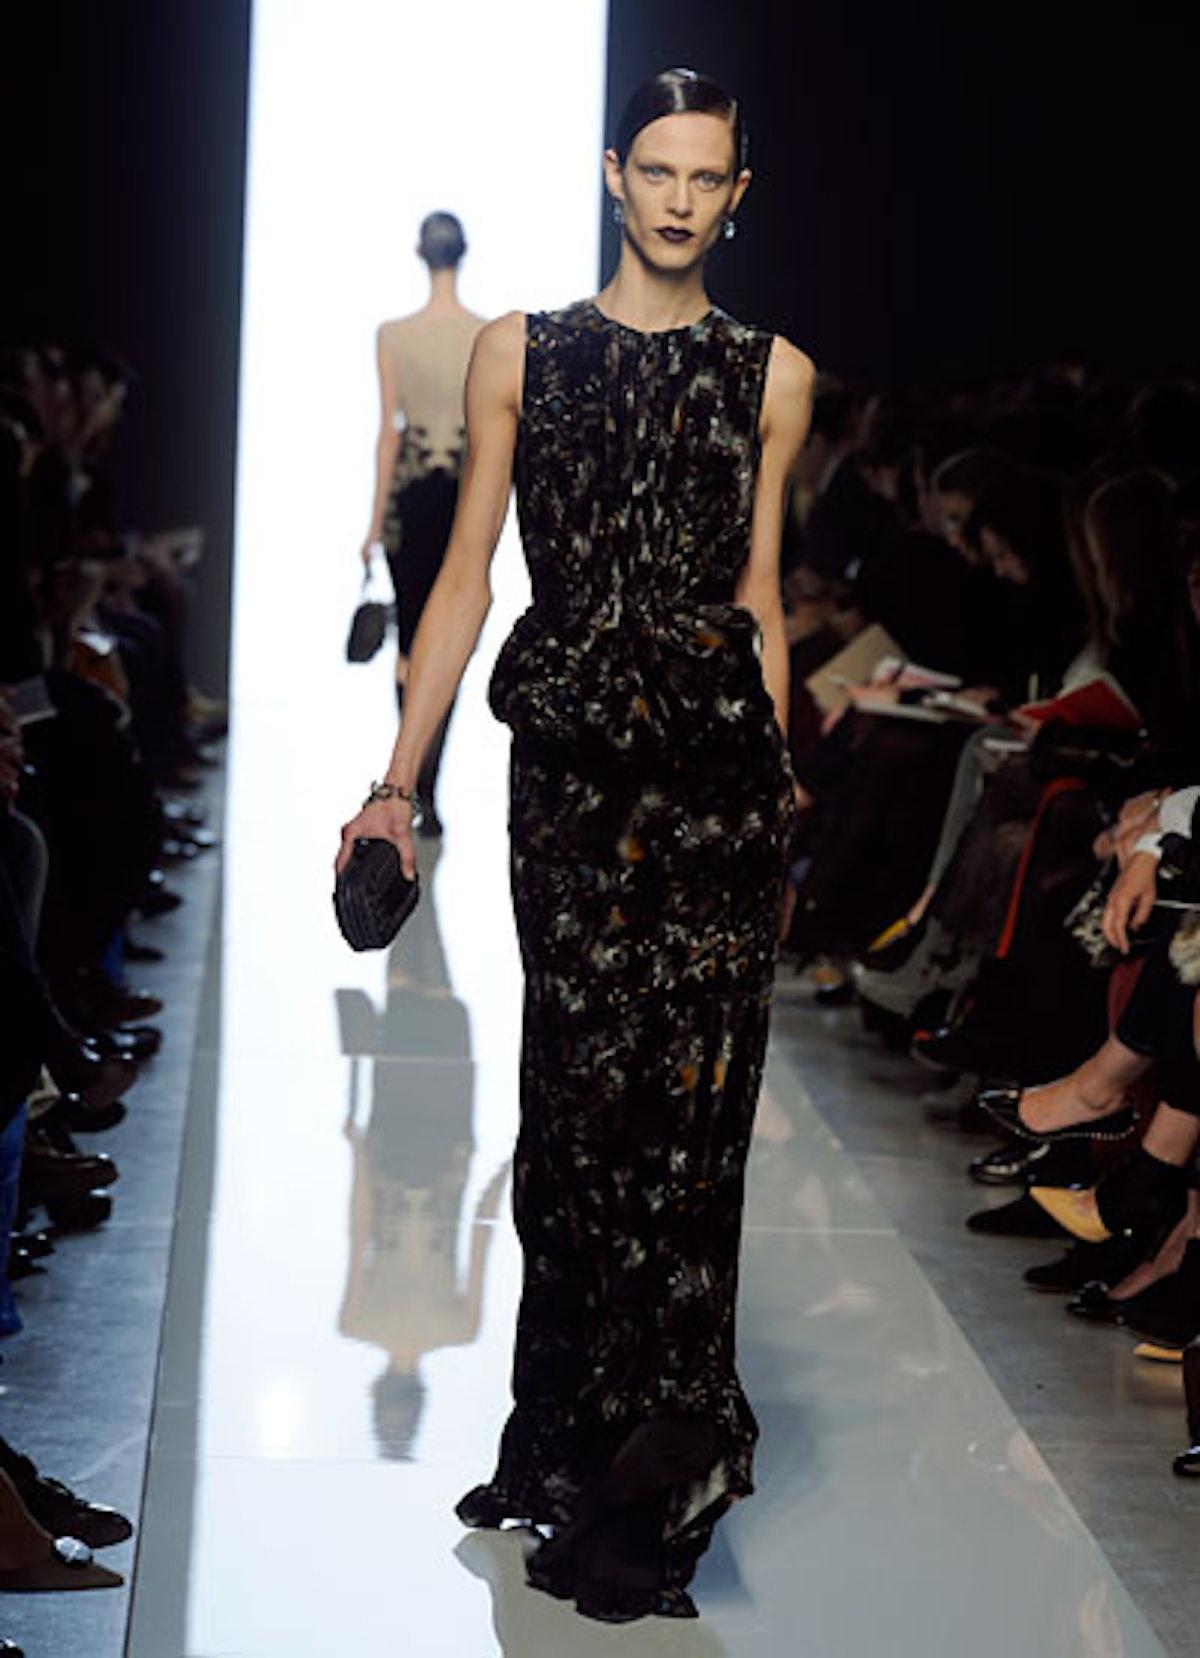 fass-fall-2012-fashion-roundup-31-v.jpg